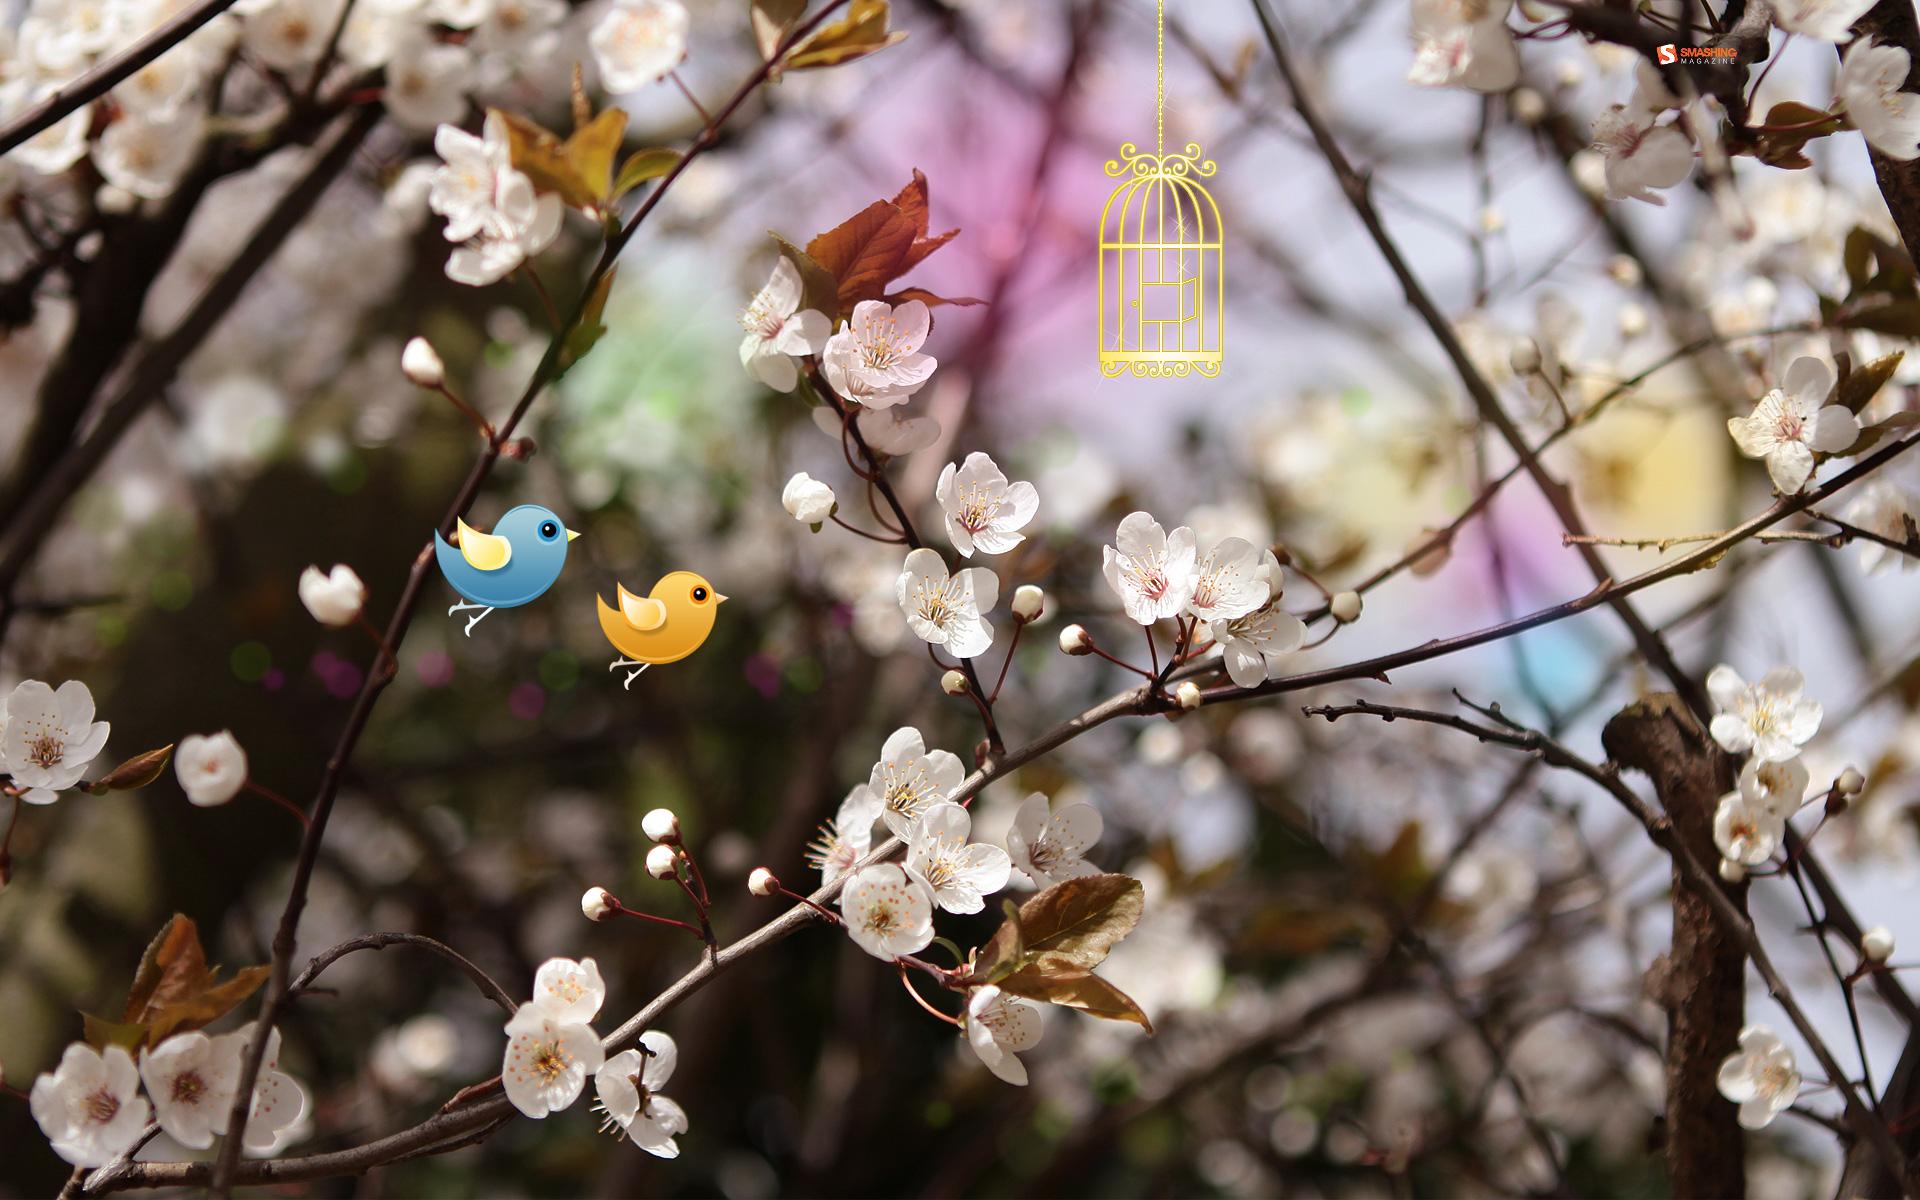 Comings Spring - Comings Spring